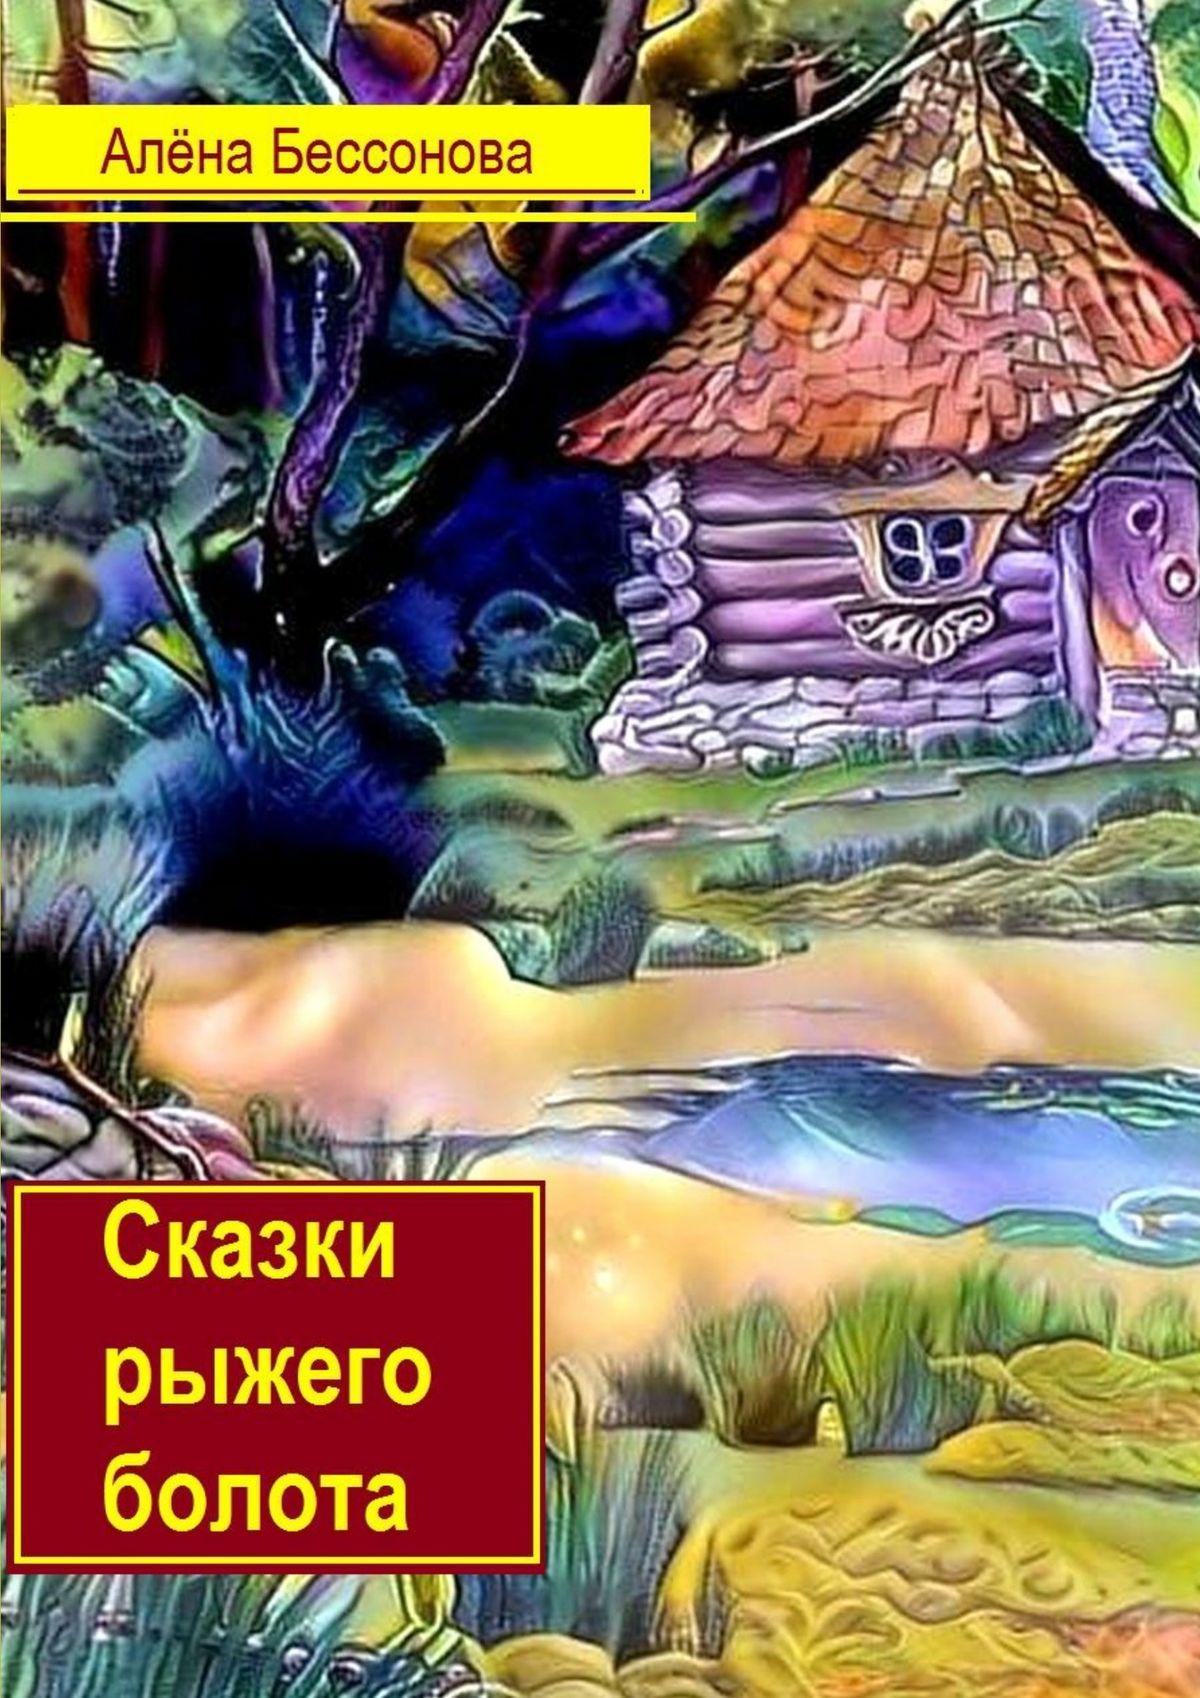 Алёна Бессонова Сказки рыжего болота набор буров hammer flex 201 902 dr по бетону 6шт [30776]